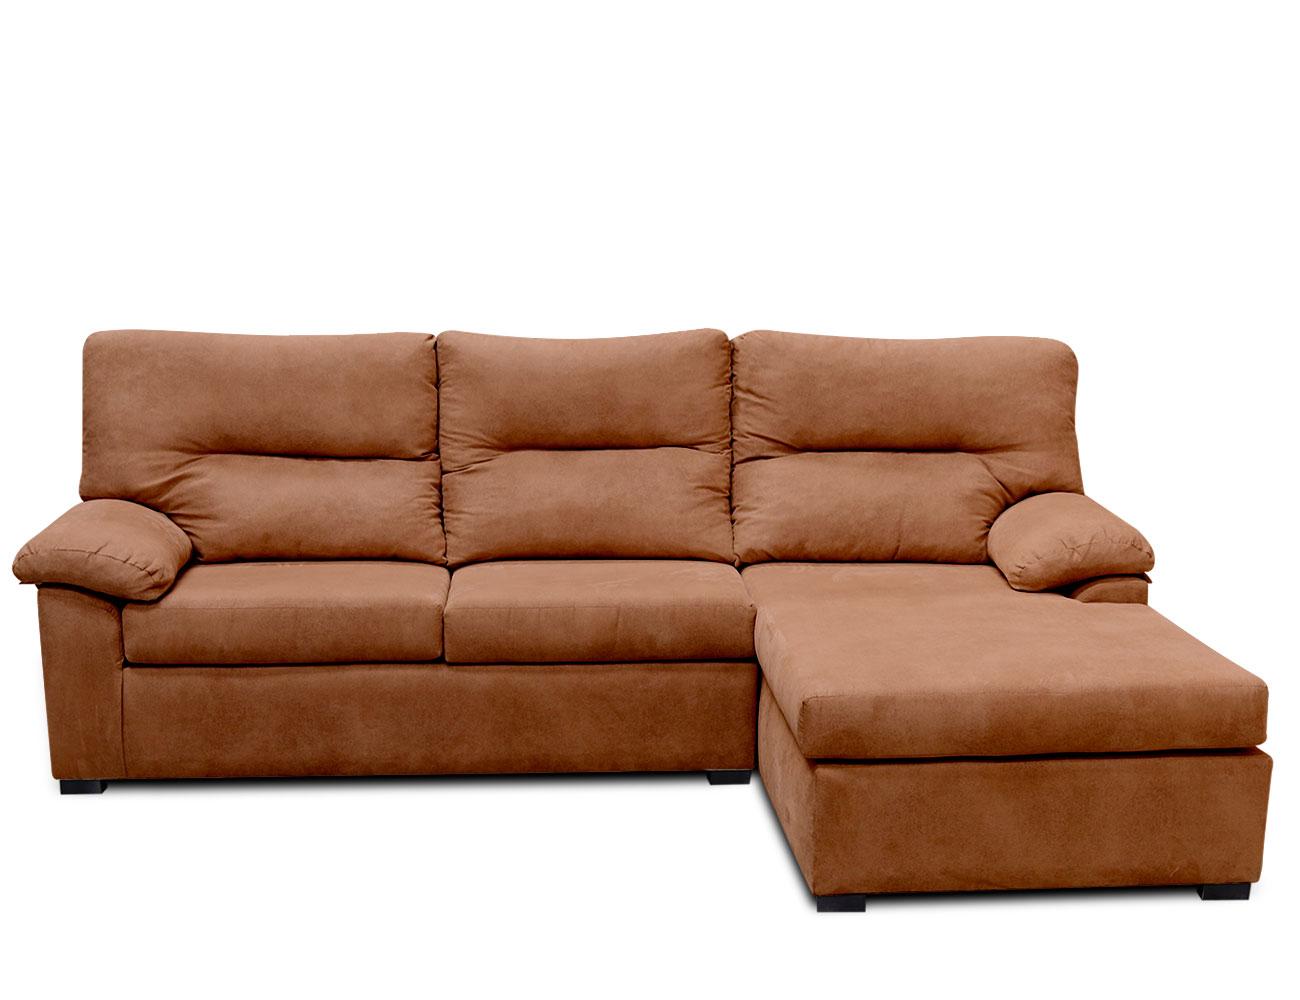 Sofa chaiselongue barato imola 9 11